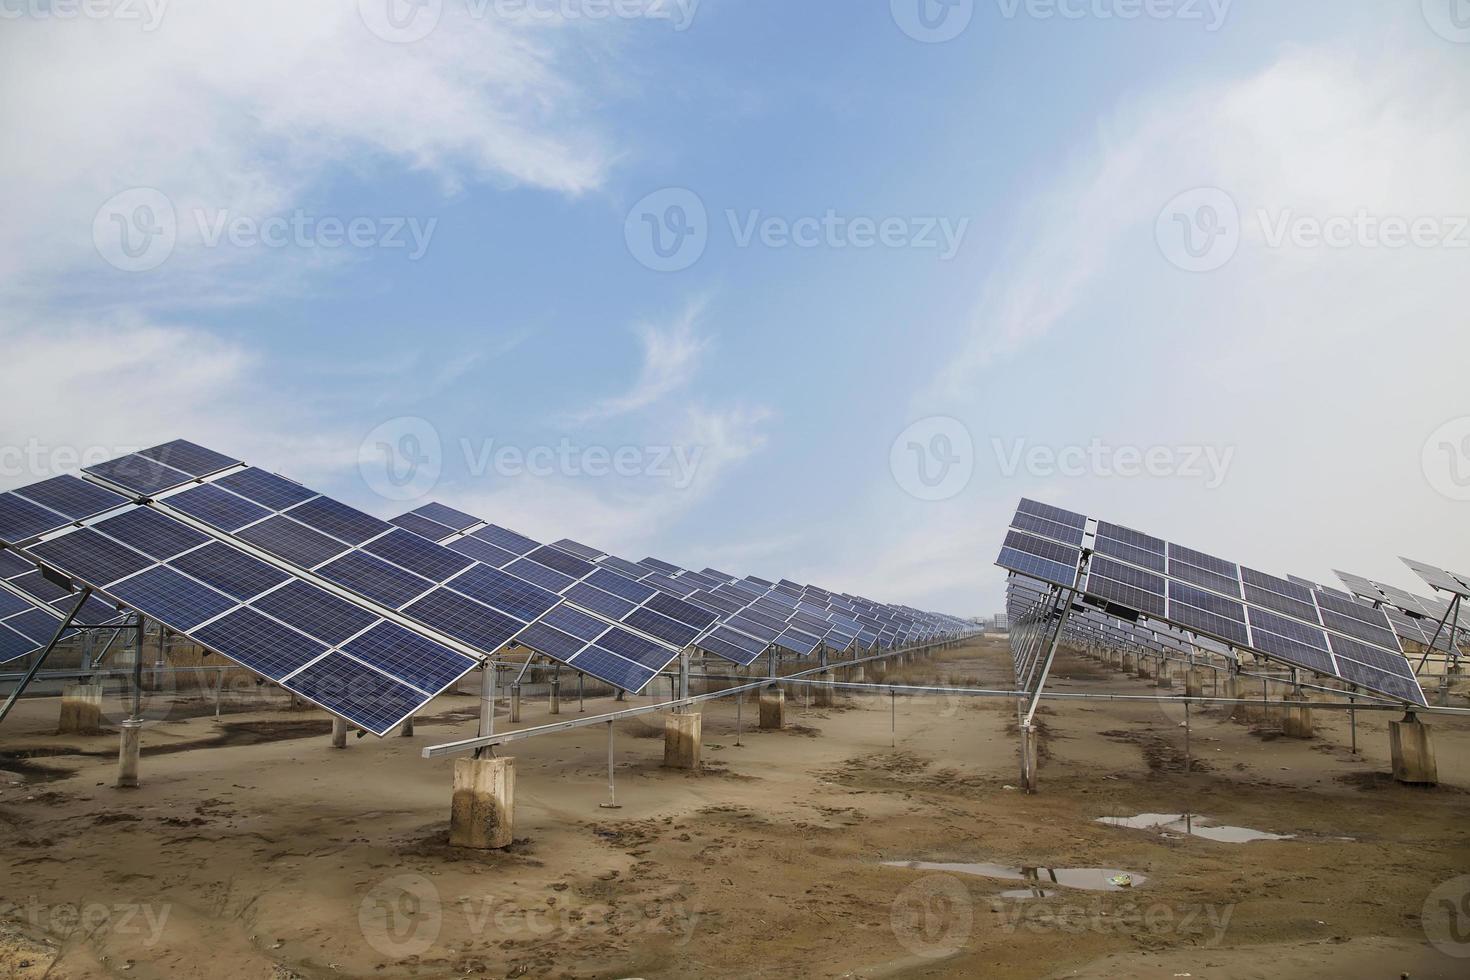 usina usando energia solar renovável com sol foto